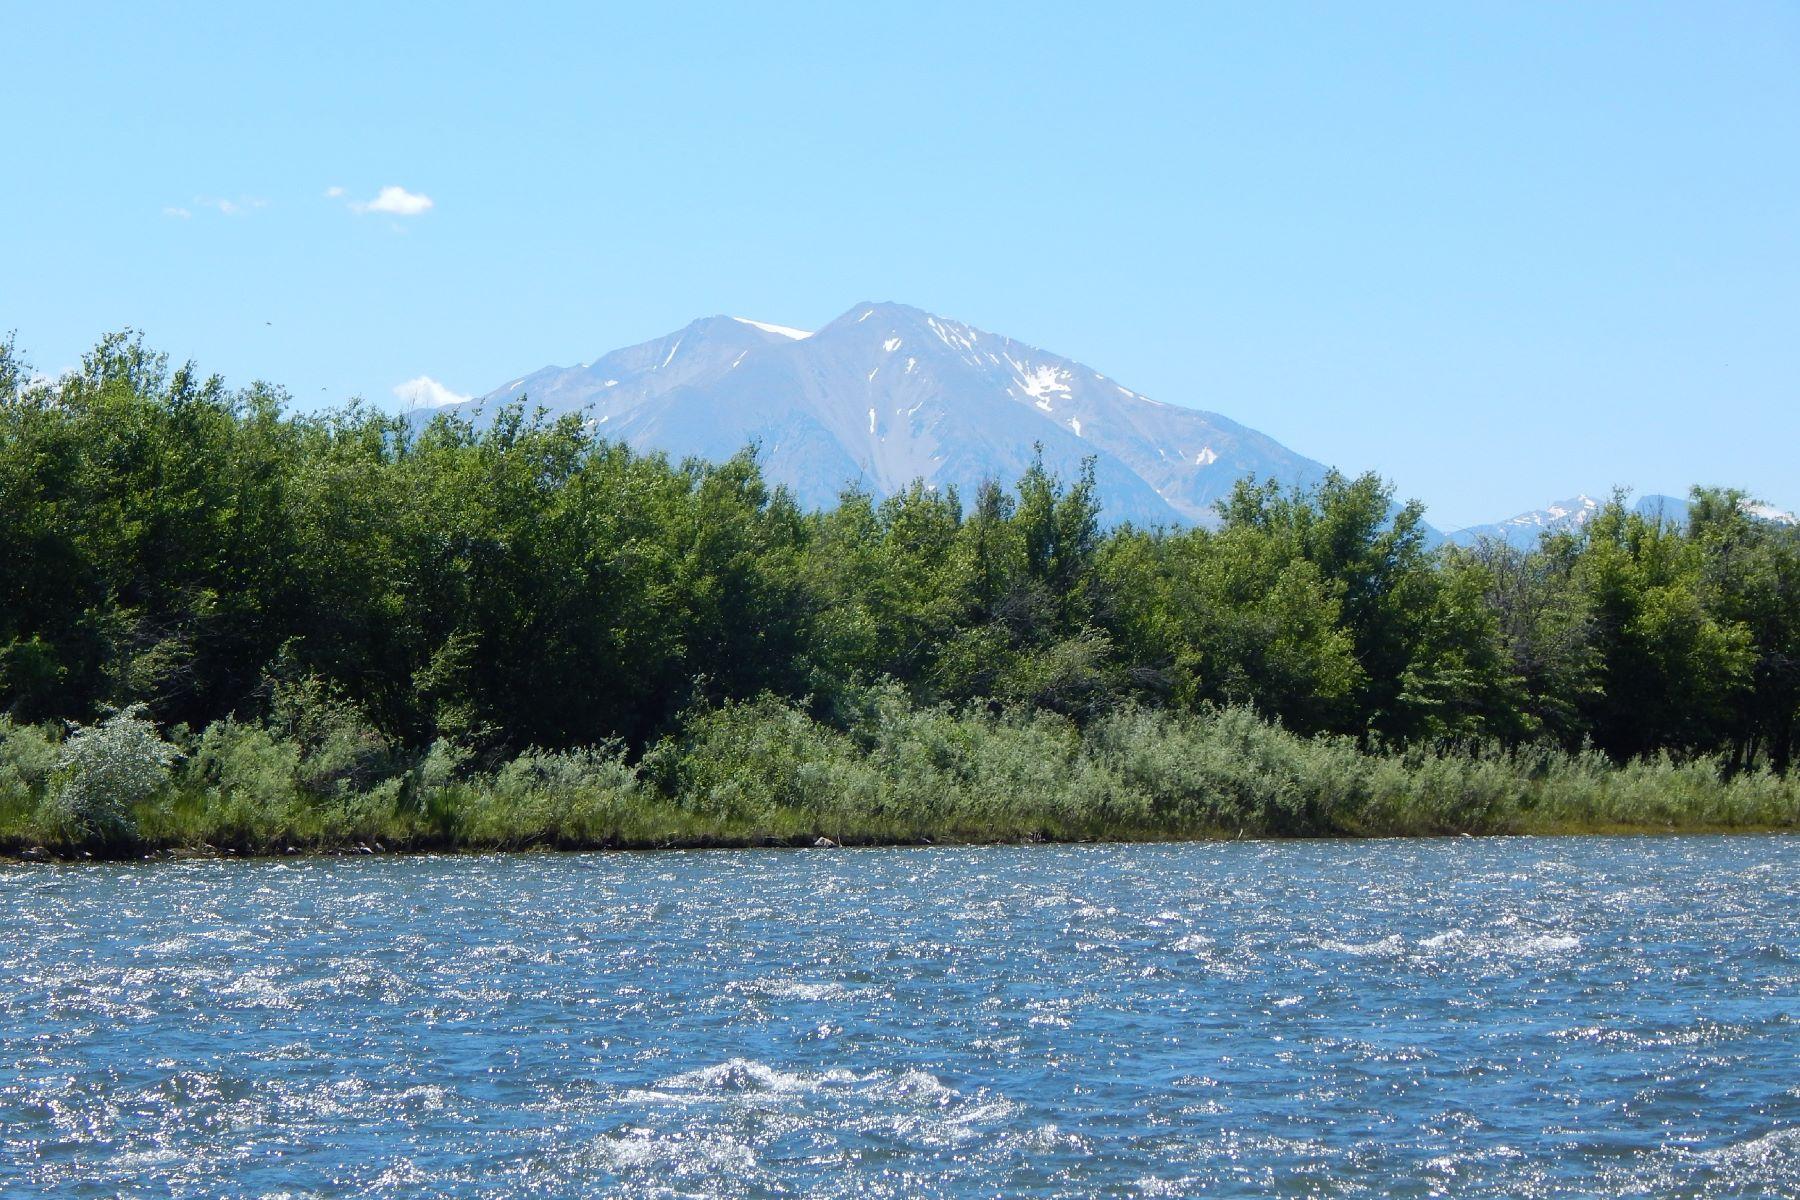 Đất đai vì Bán tại Ironbridge Lot 95 284 River Bend Way, Glenwood Springs, Colorado, 81601 Hoa Kỳ